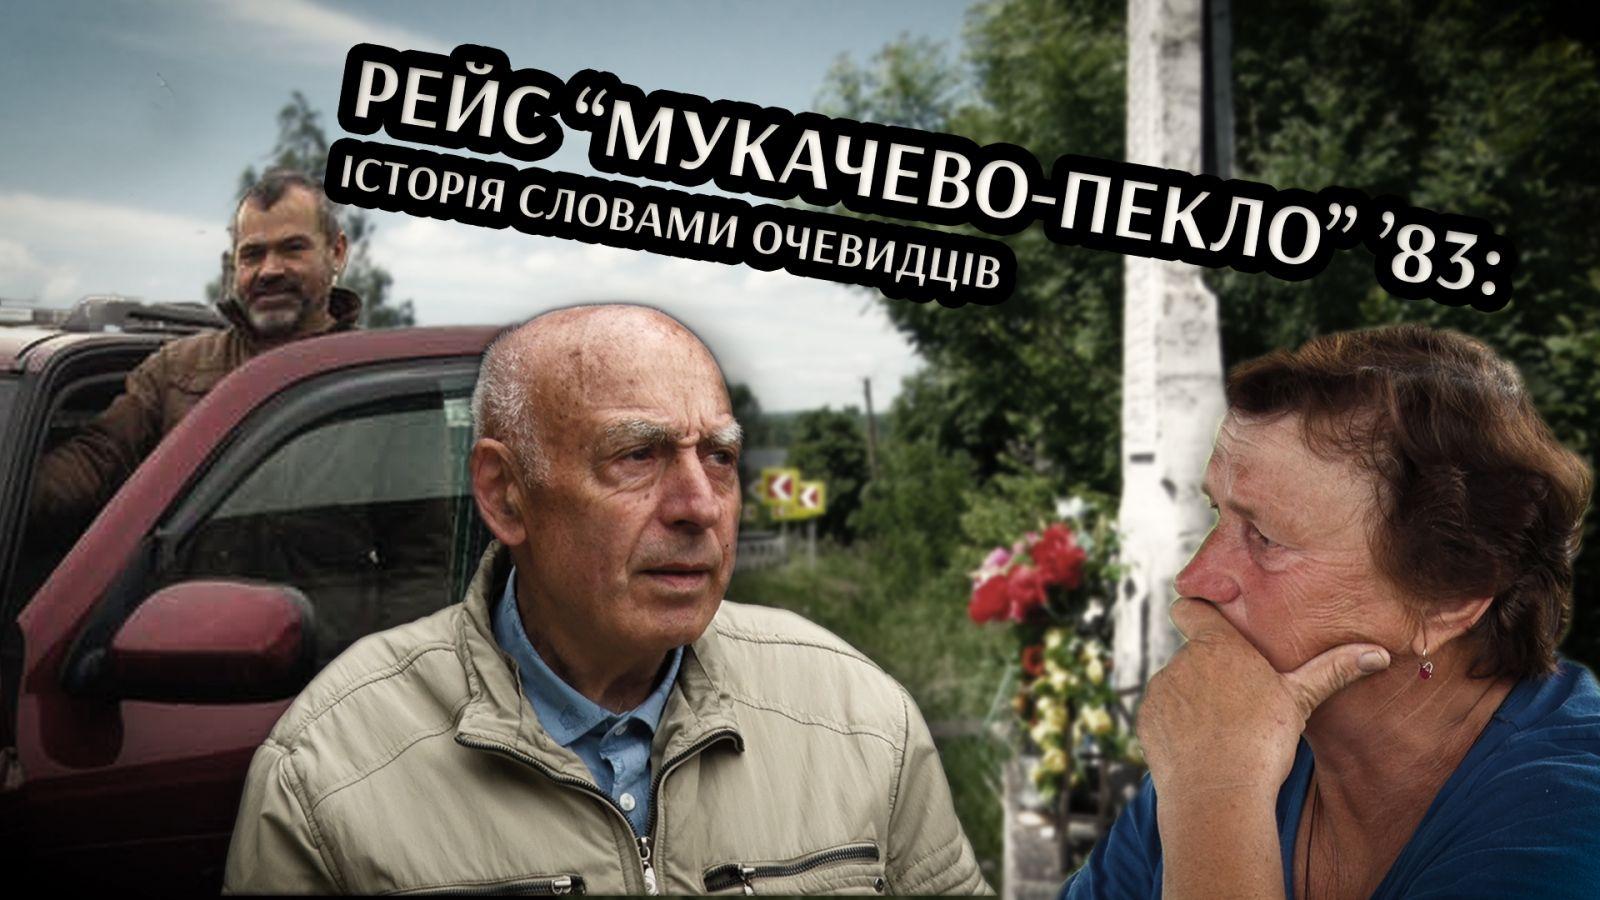 """Рейс """"Мукачево-Пекло"""" `83: сьогодні річниця наймасштабнішої ДТП на Закарпатті (ВІДЕО)"""